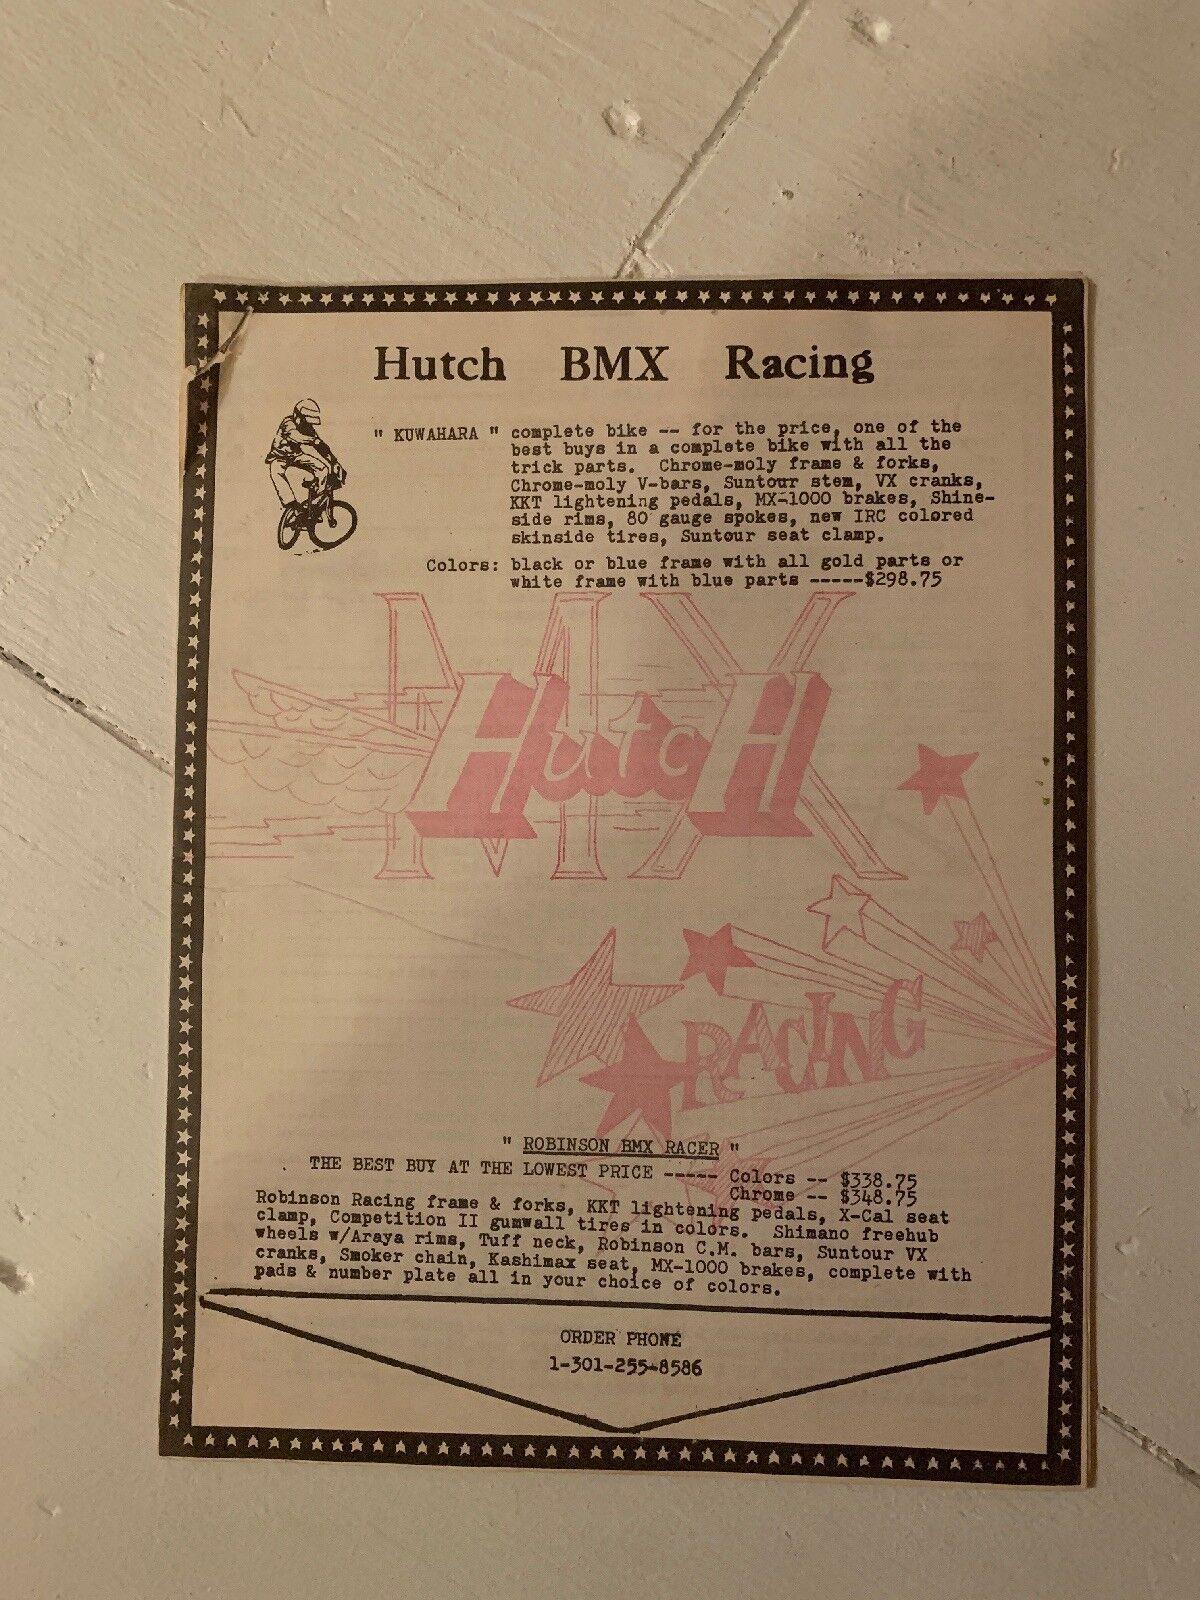 OLD SCHOOL VINTAGE BMX HUTCH BIKE SHOP CATALOG     MAIL ORDER